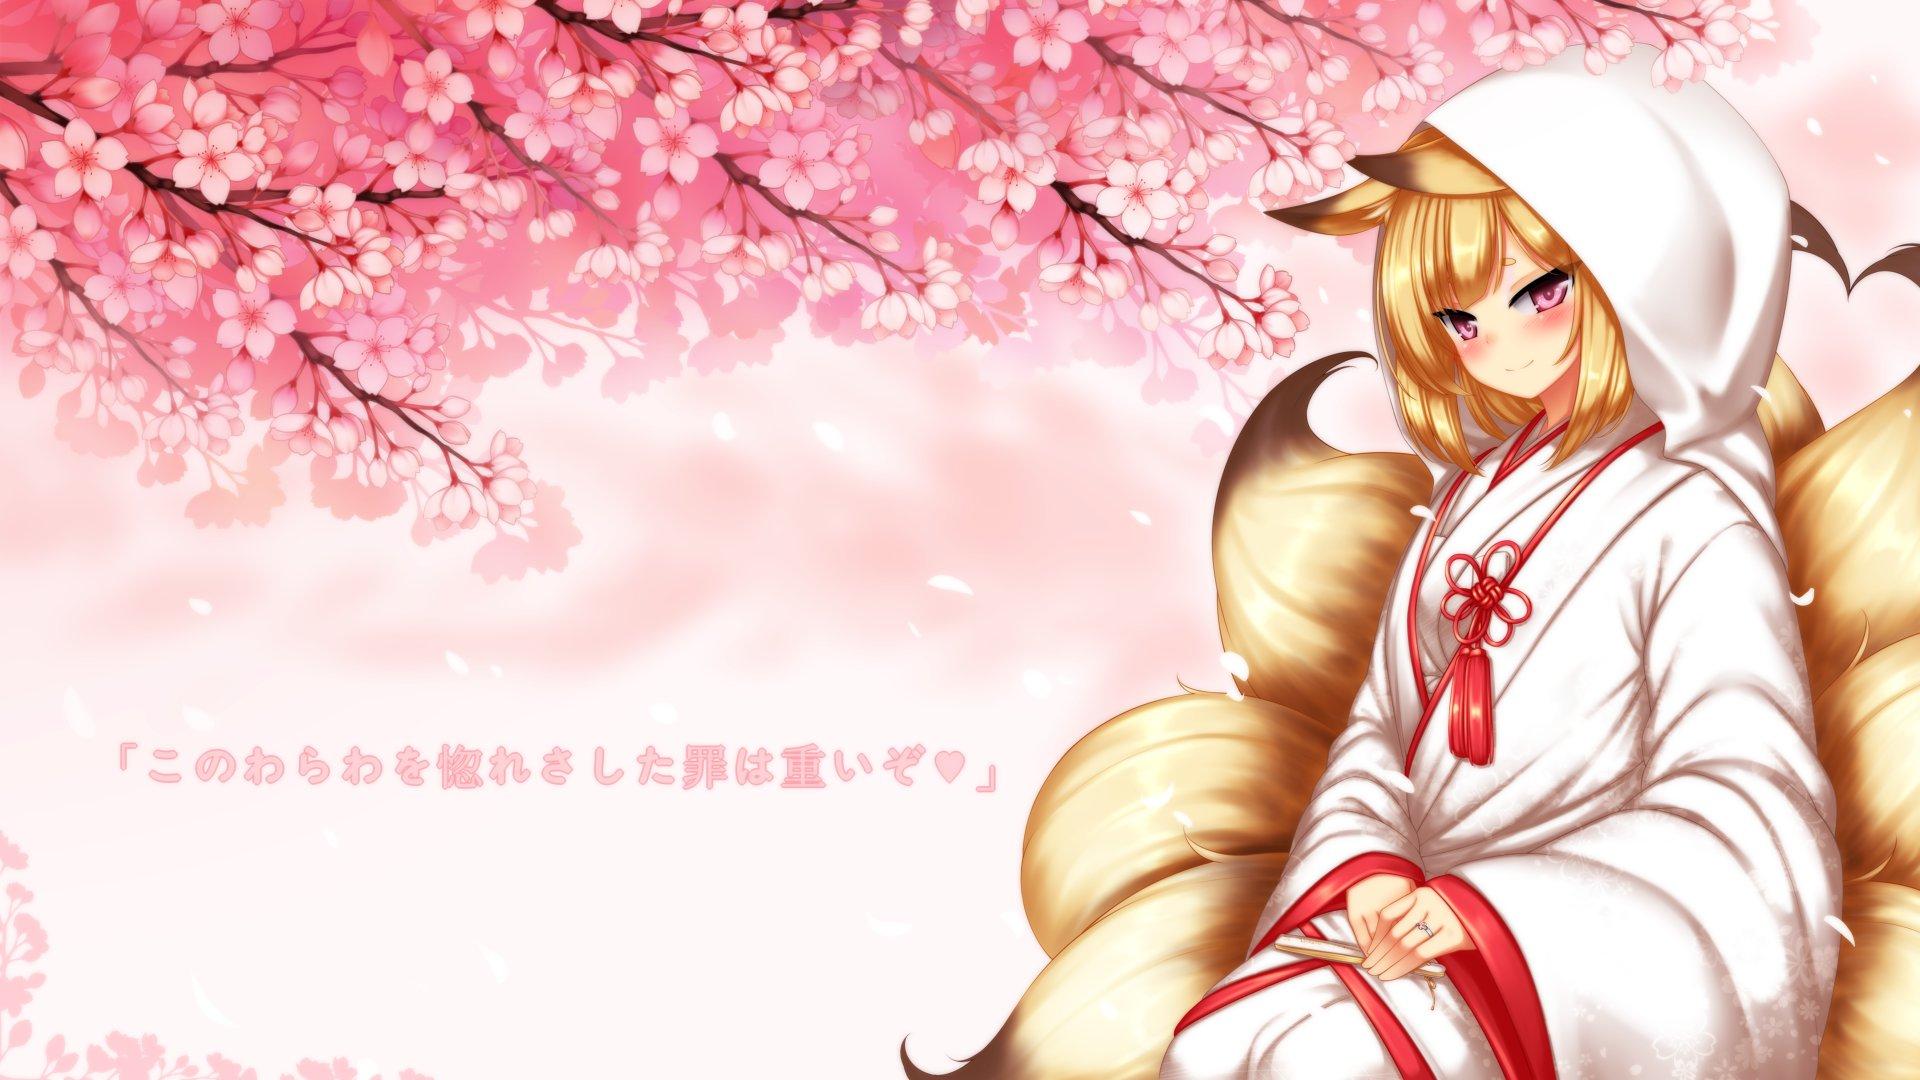 御奈羽 花嫁カヨウ おまけに壁紙を作りました 幸せな笑顔の花嫁本当に美しい これからカヨウはきっと賢妻狐になる為にを頑張りますねw 千年戦争アイギス アイギスお絵かき